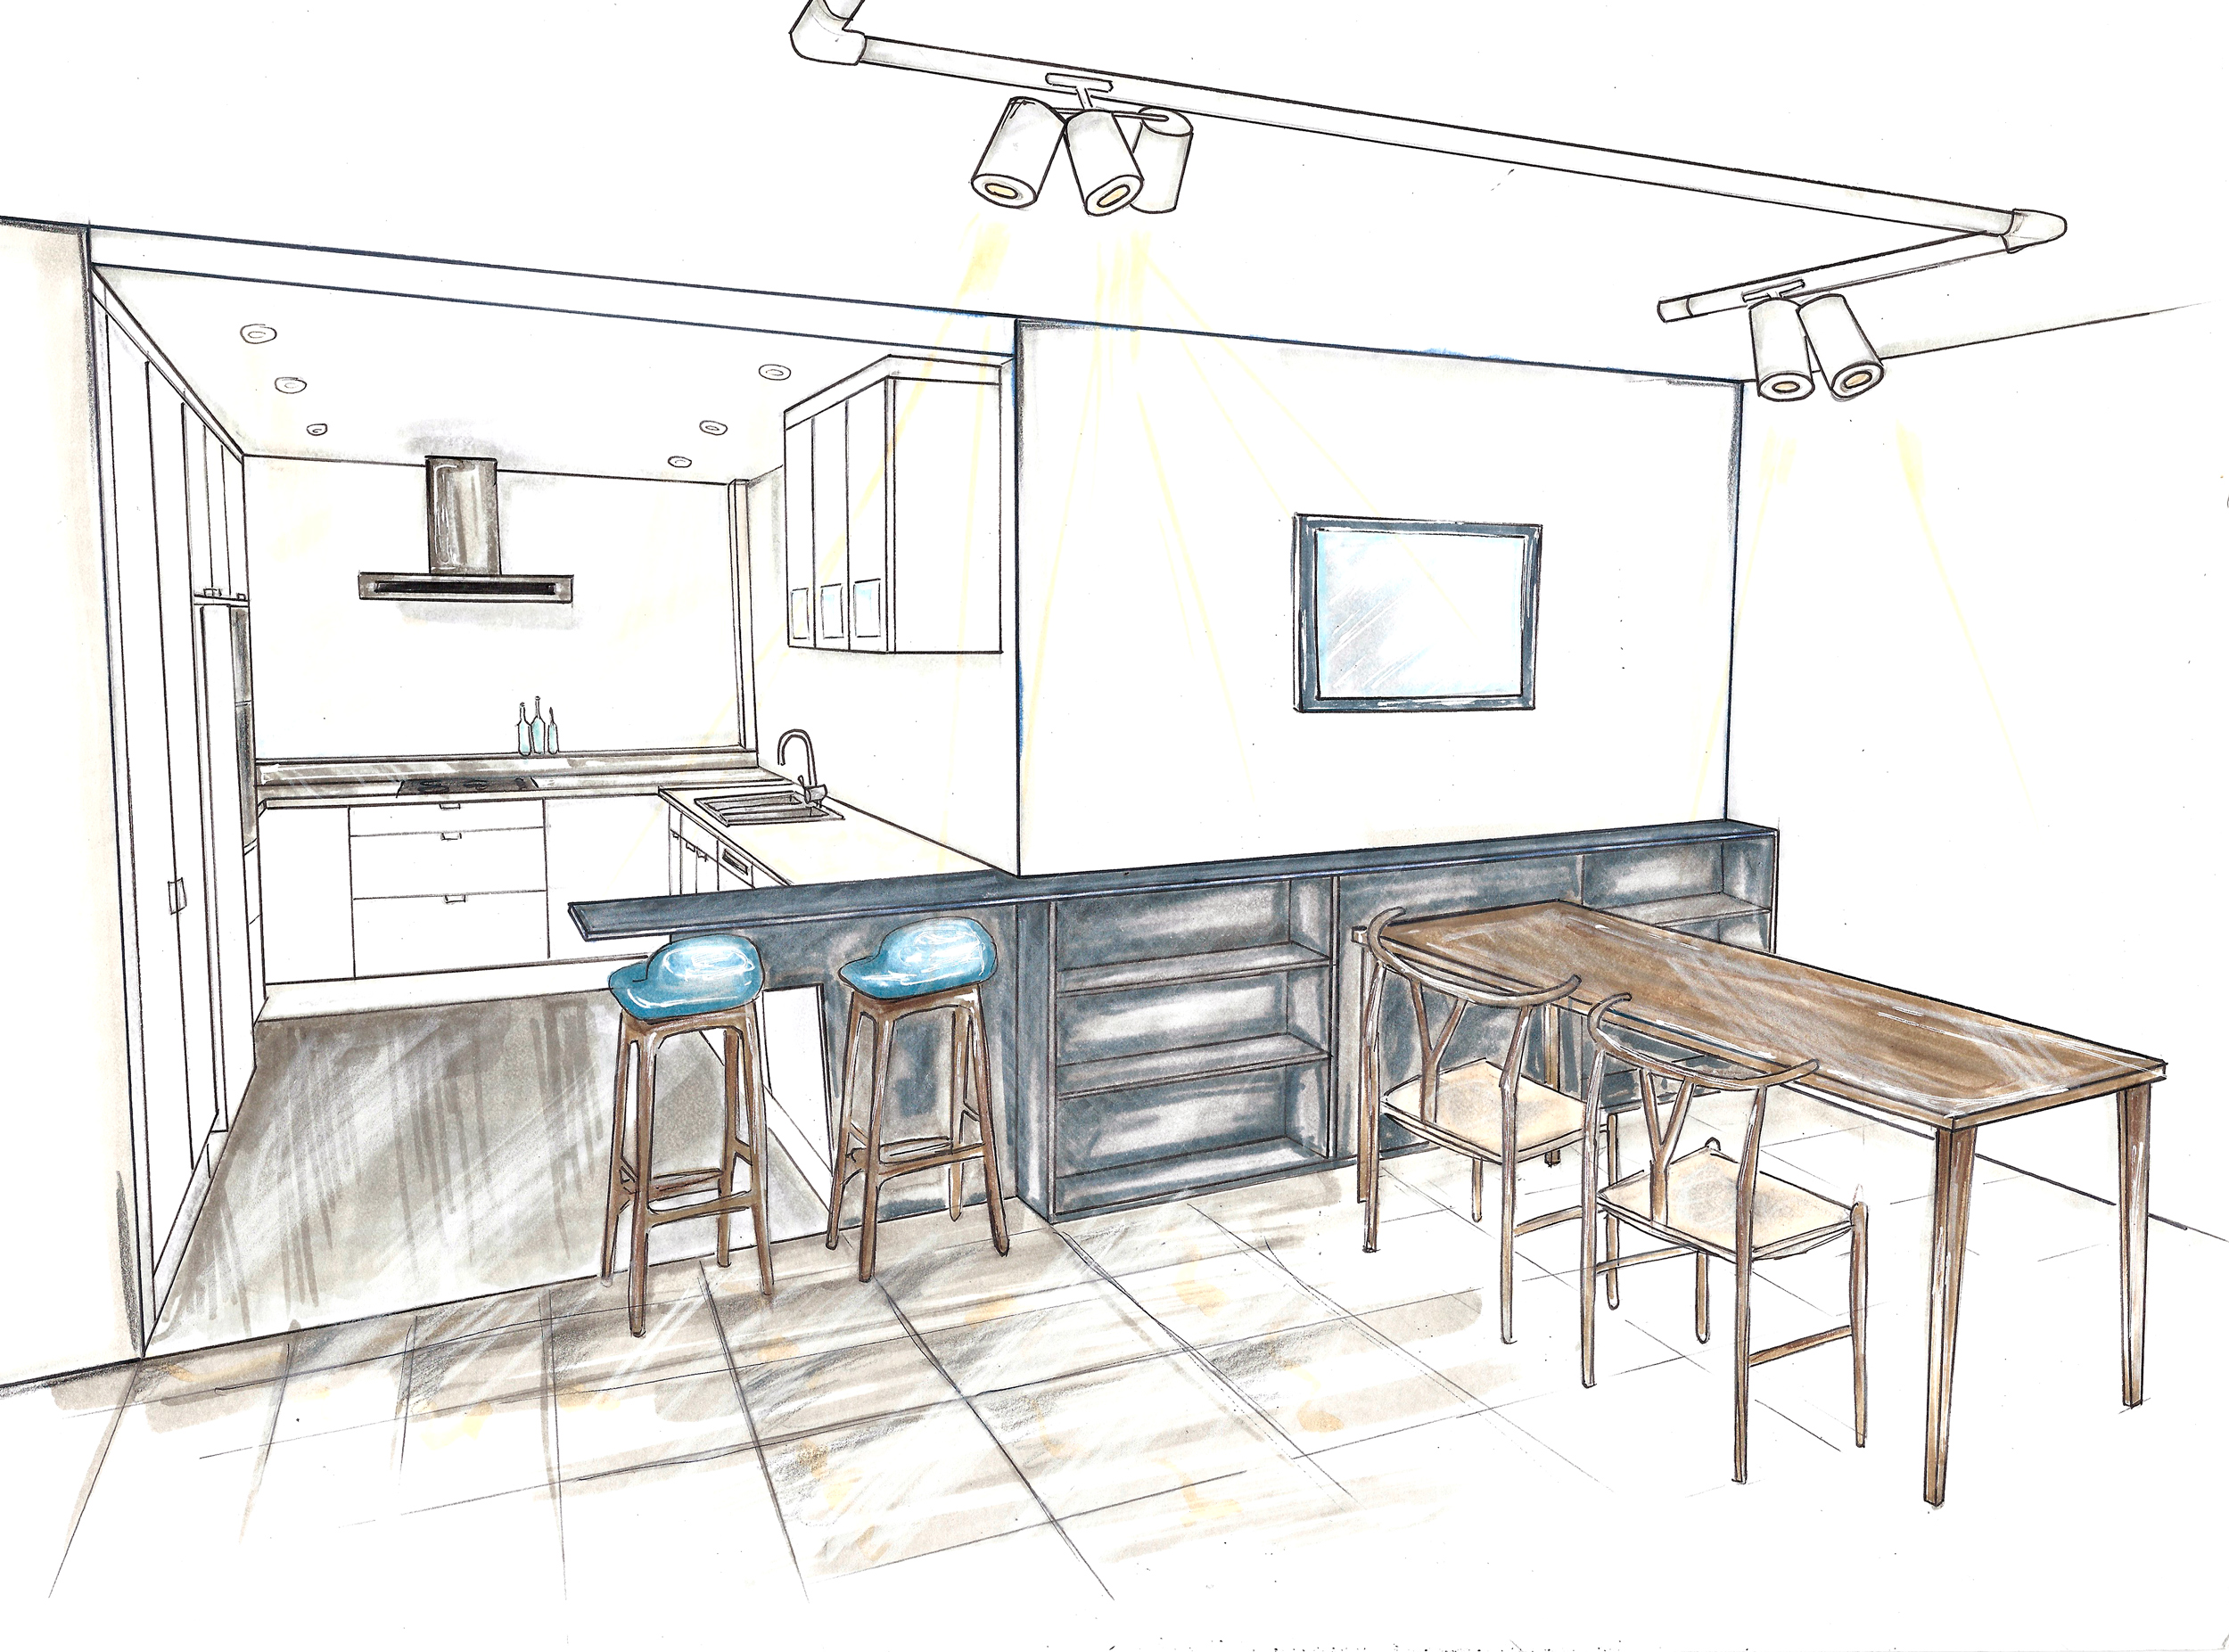 Apartment renovation, interior design sketch, DbyD kitchen design